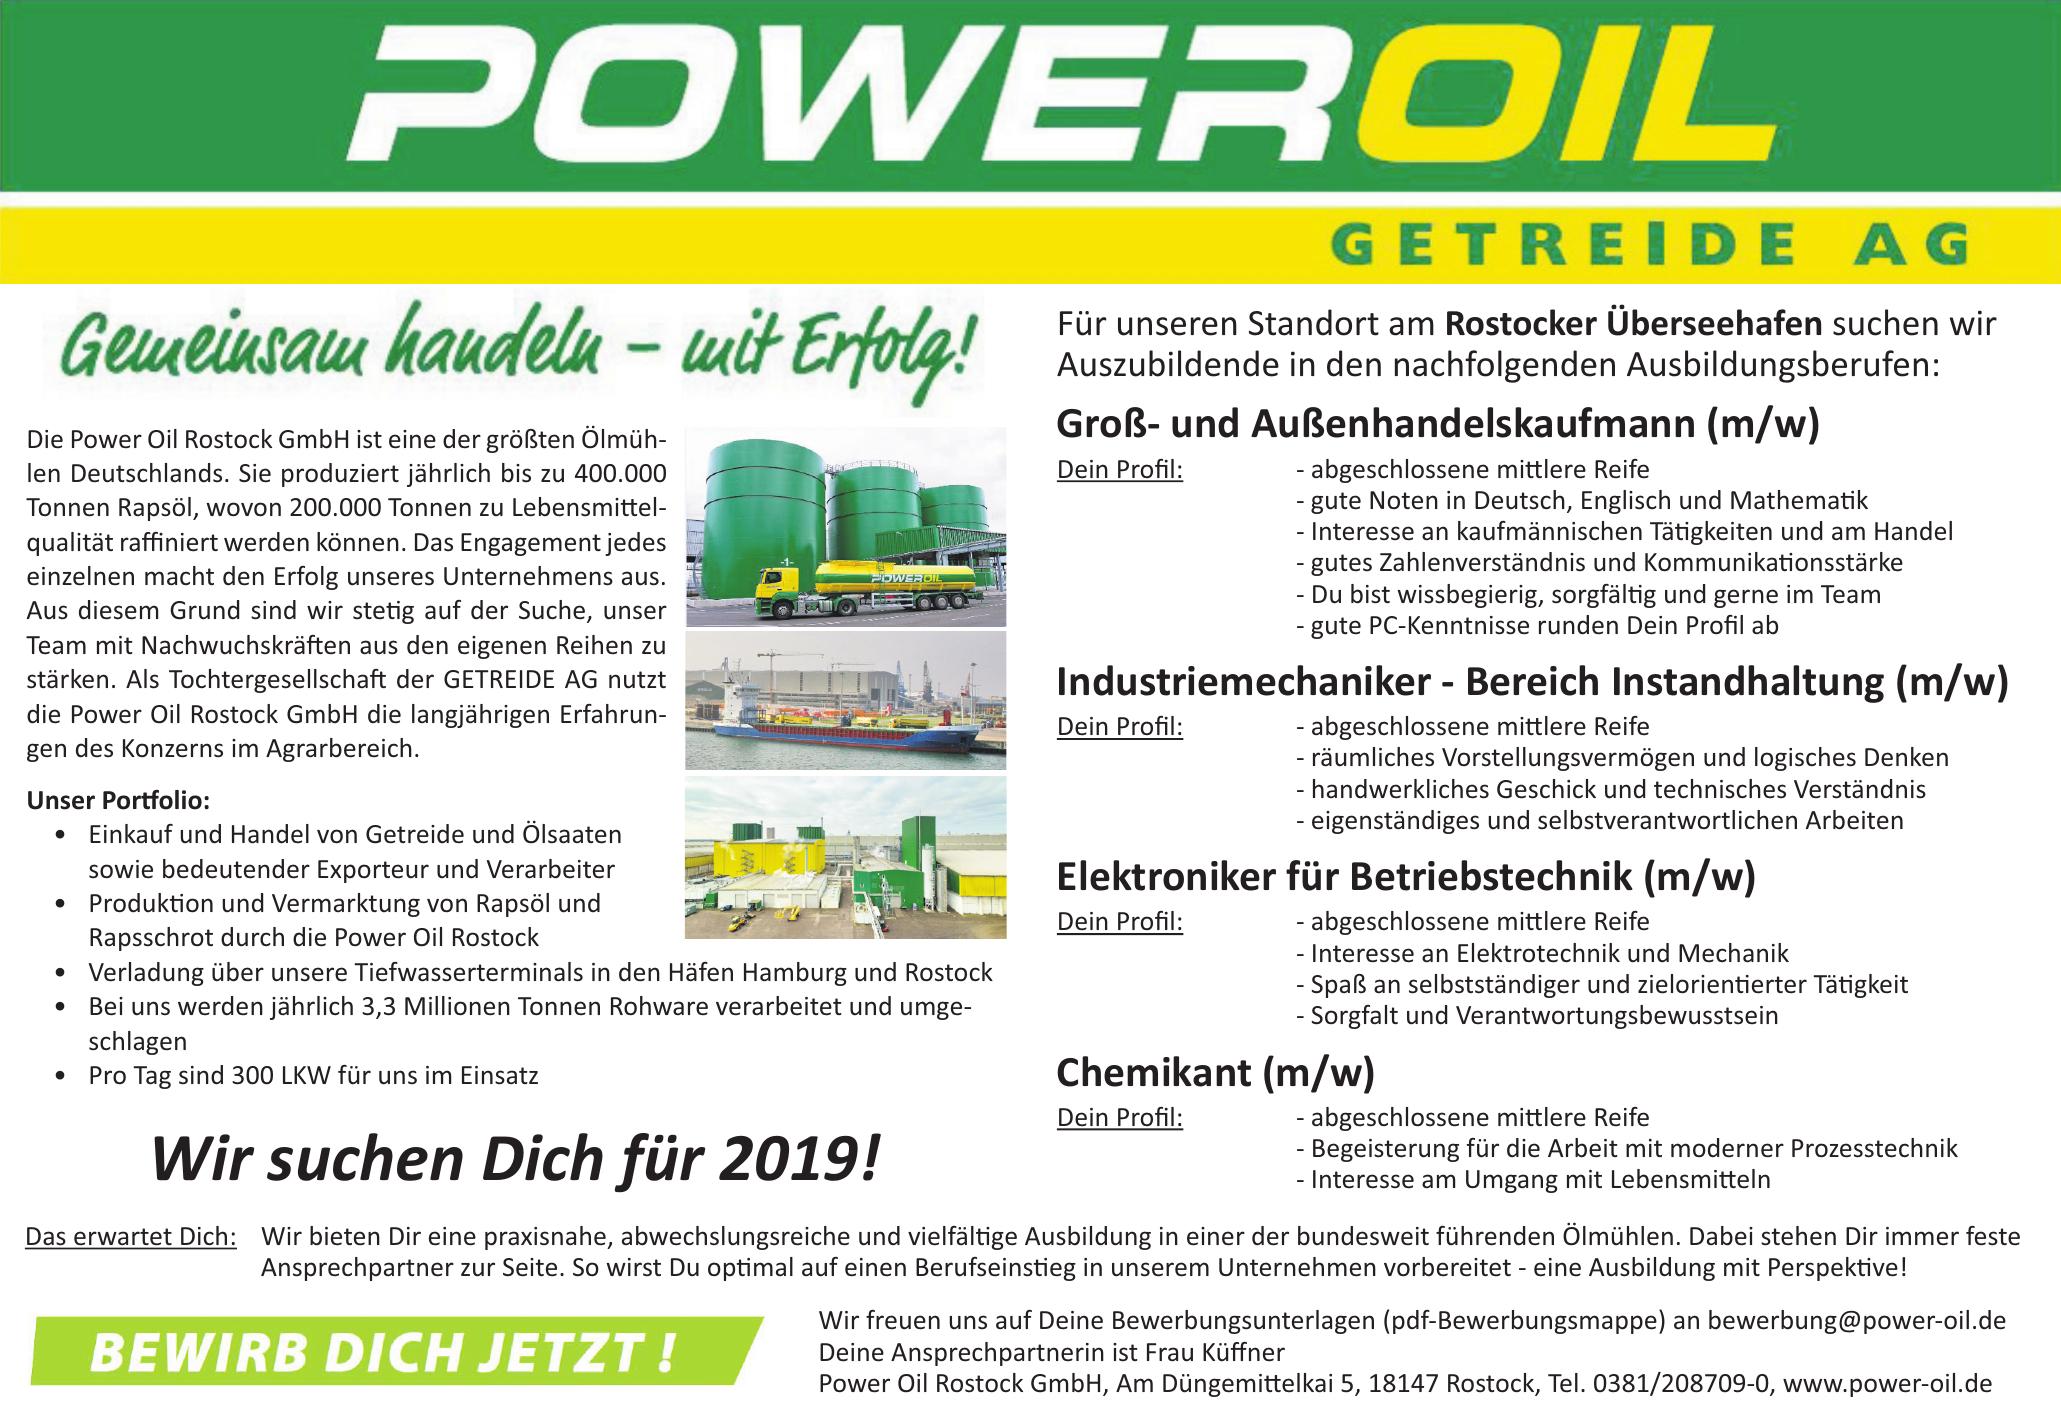 Power Oil Rostock GmbH